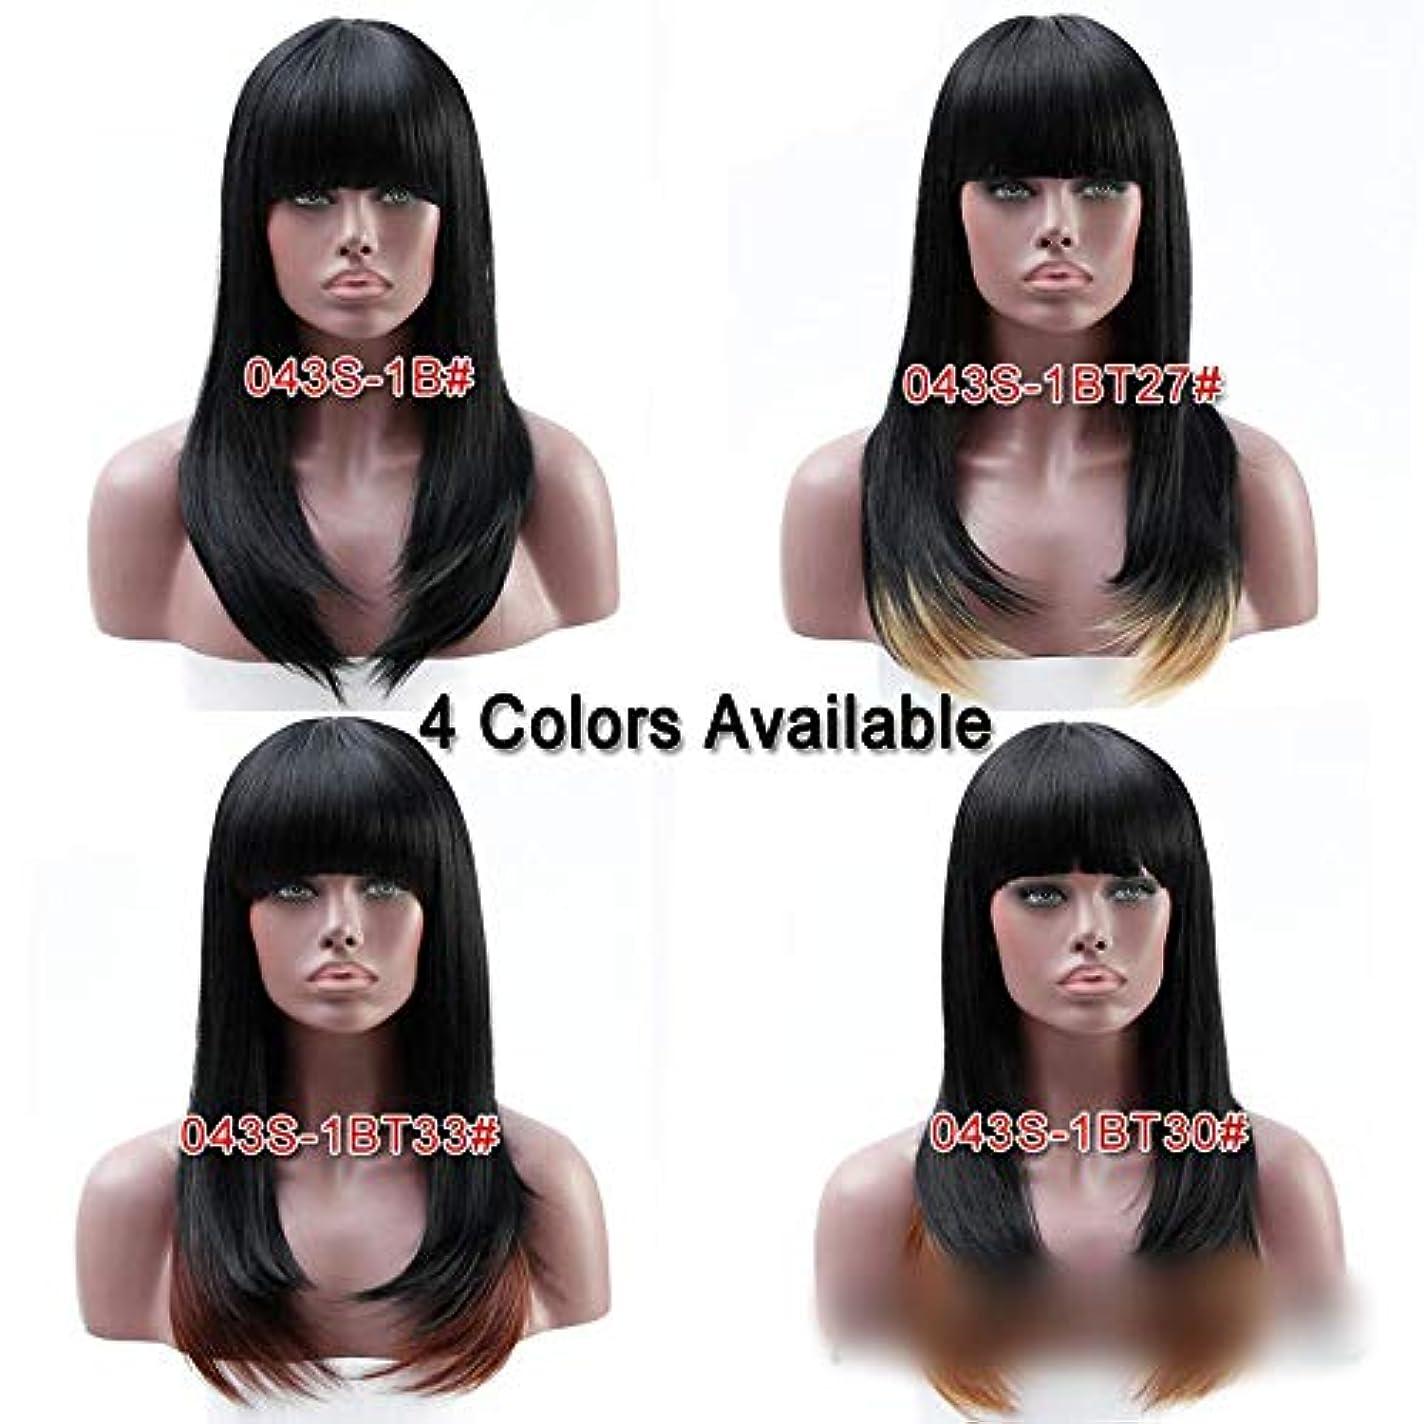 想像力豊かなピストルクライアントWASAIO 女性の自然な合成かつらアクセサリーヘアスタイル交換顔グラデーションロングストレート毎日着用 (色 : 1B, サイズ : 20 inches)